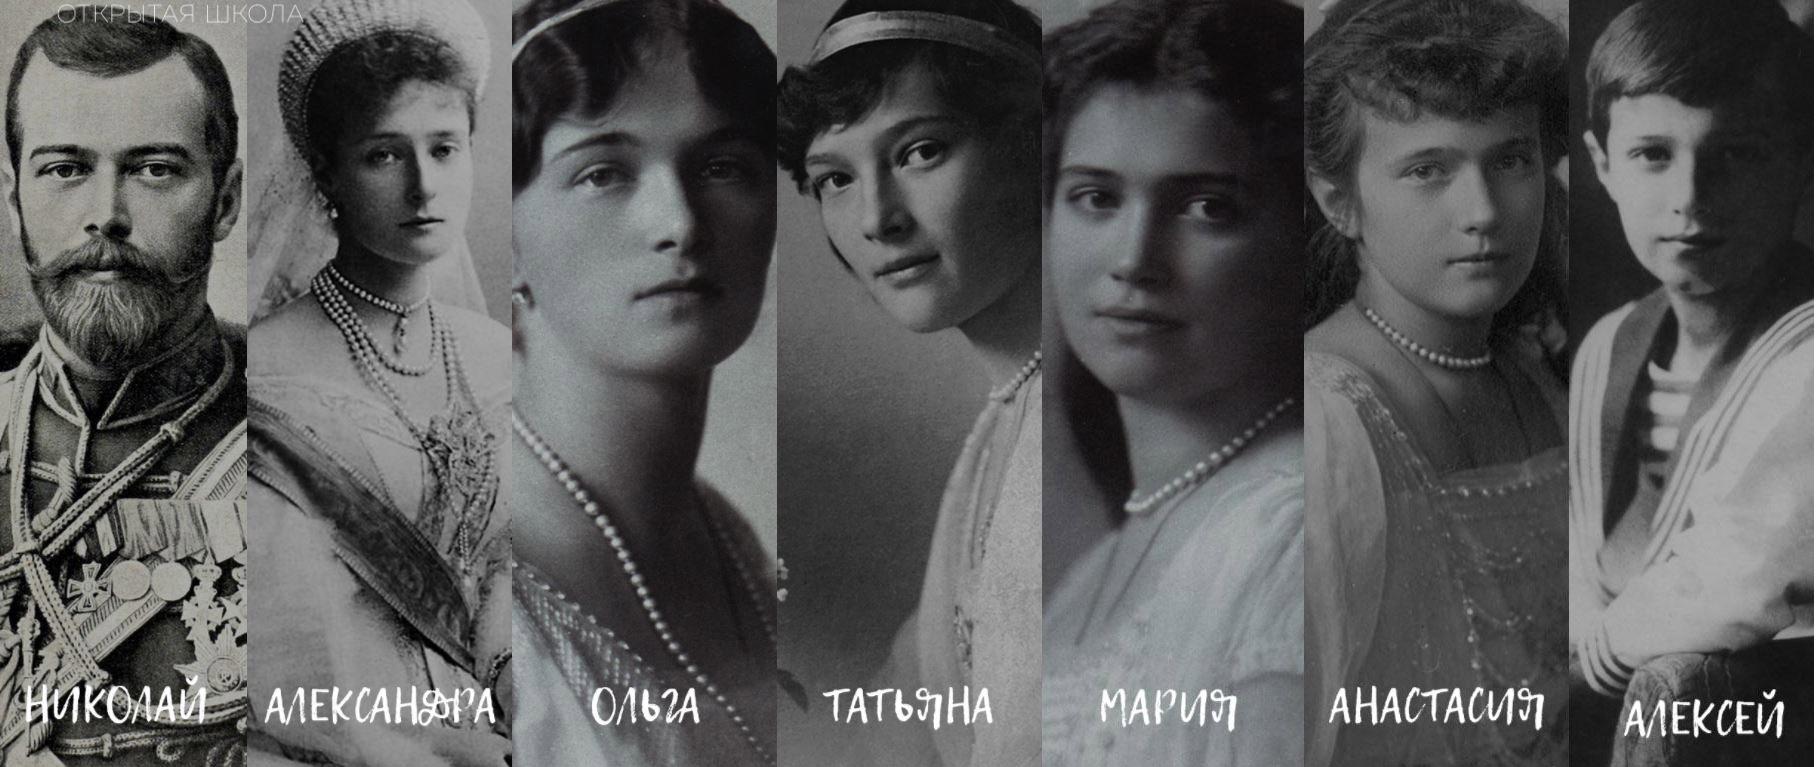 17-го июля Церковь чтит память семьи последнего российского императора Николая Второго, расстрелянной в ночь 17 июля 1918 года в подвале Ипатьевского дома в Екатеринбурге.